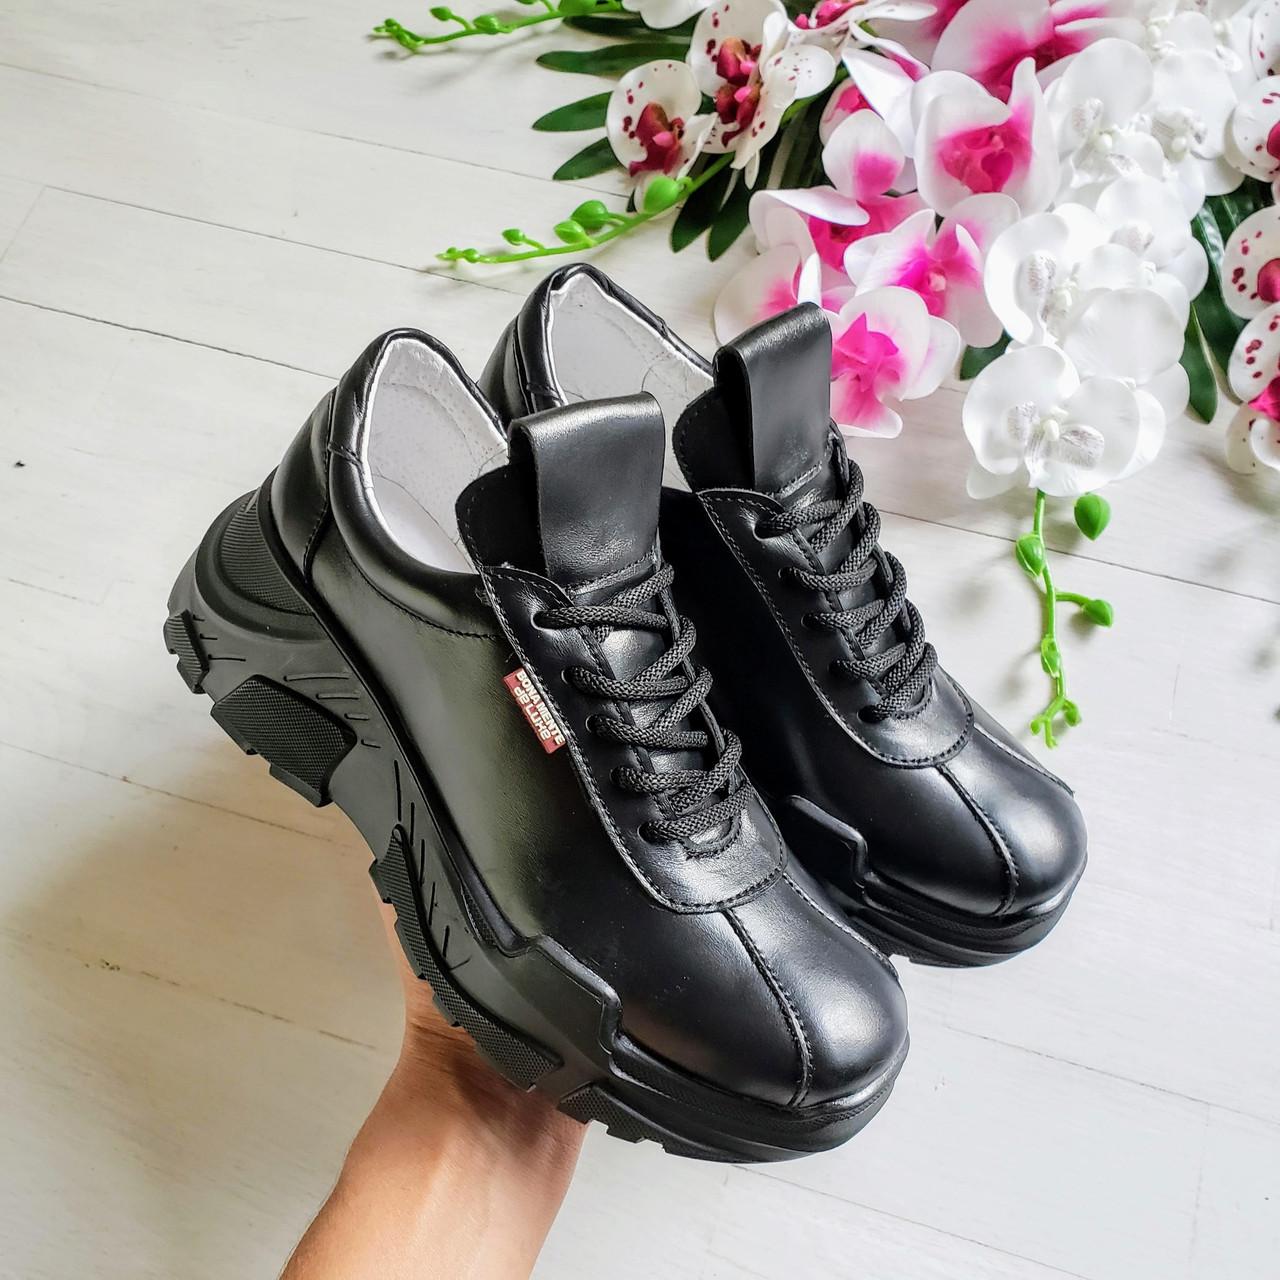 Кроссовки женские кожаные POWER BONA MENTE de luxe